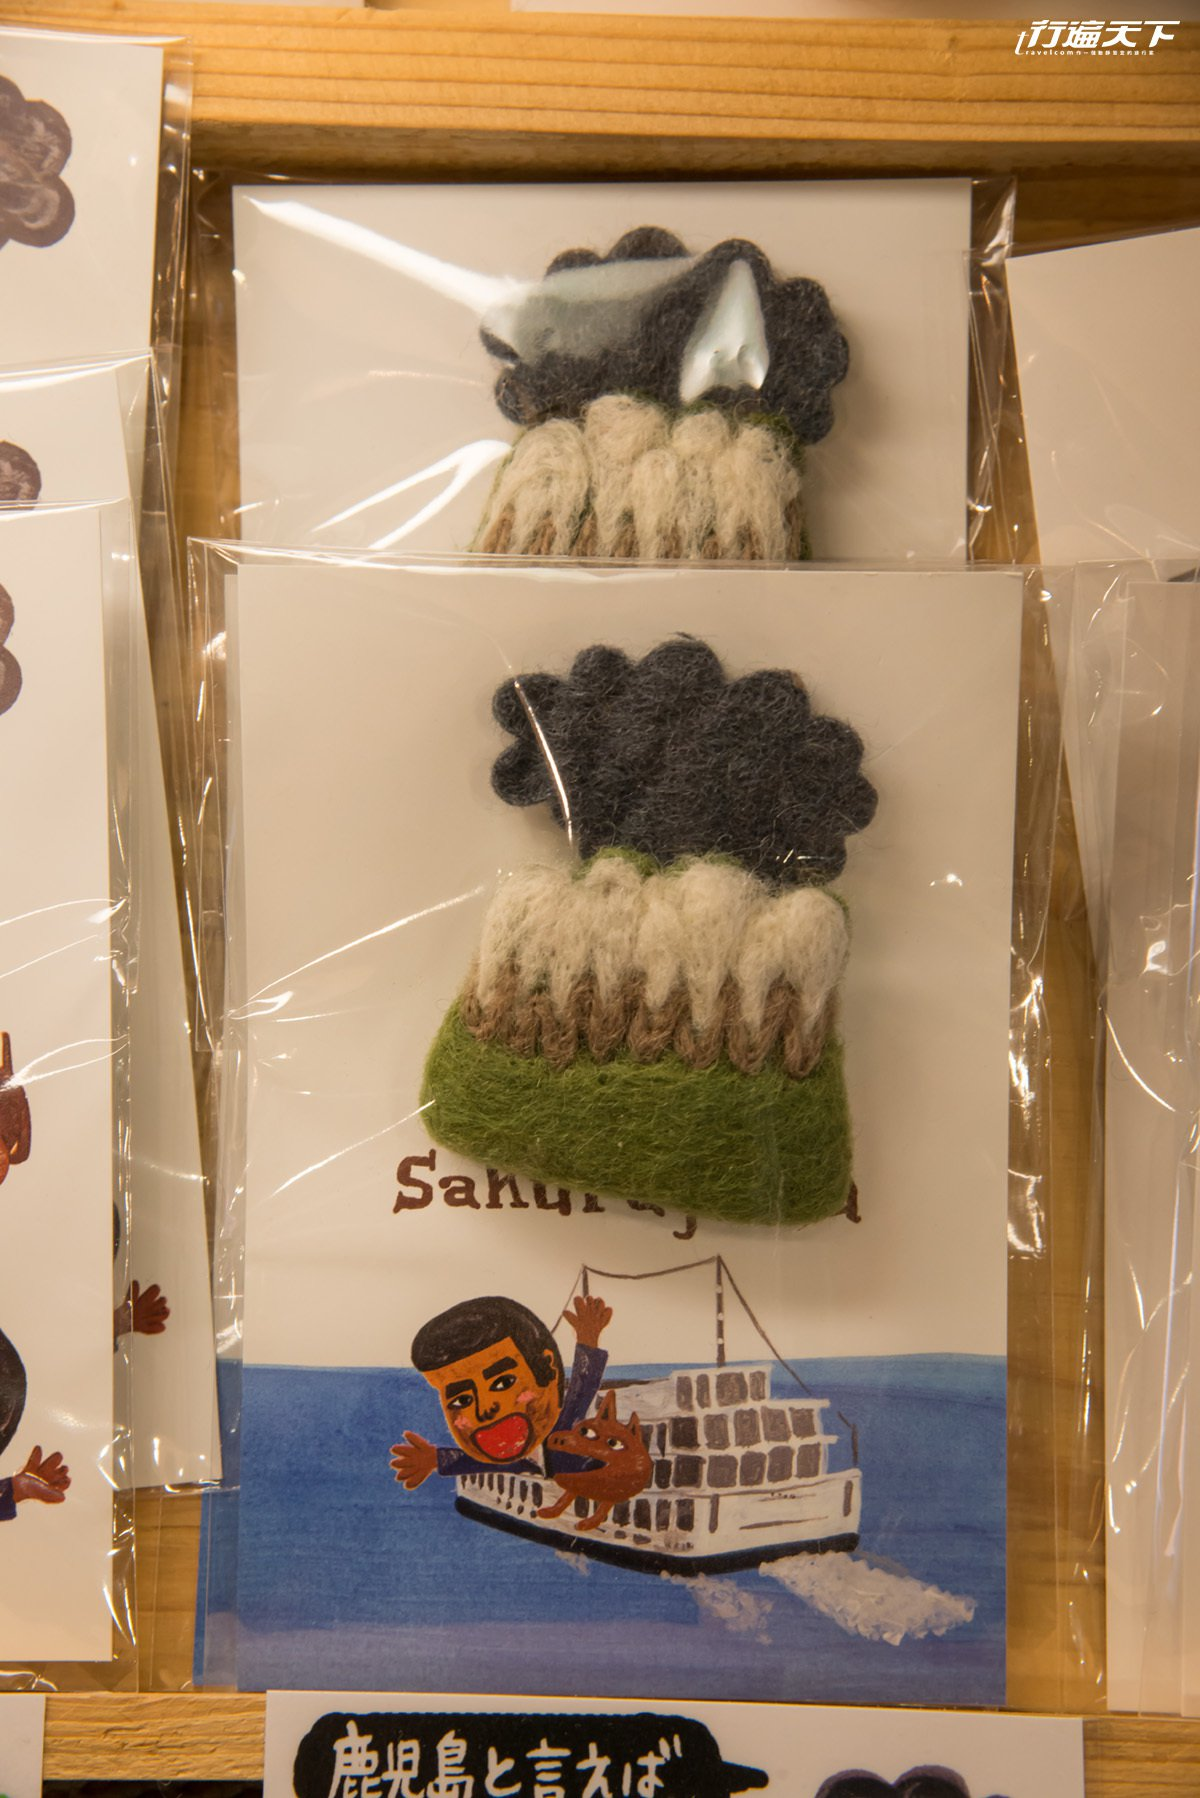 櫻島火山噴發的模樣成為小別針,好看又好玩。